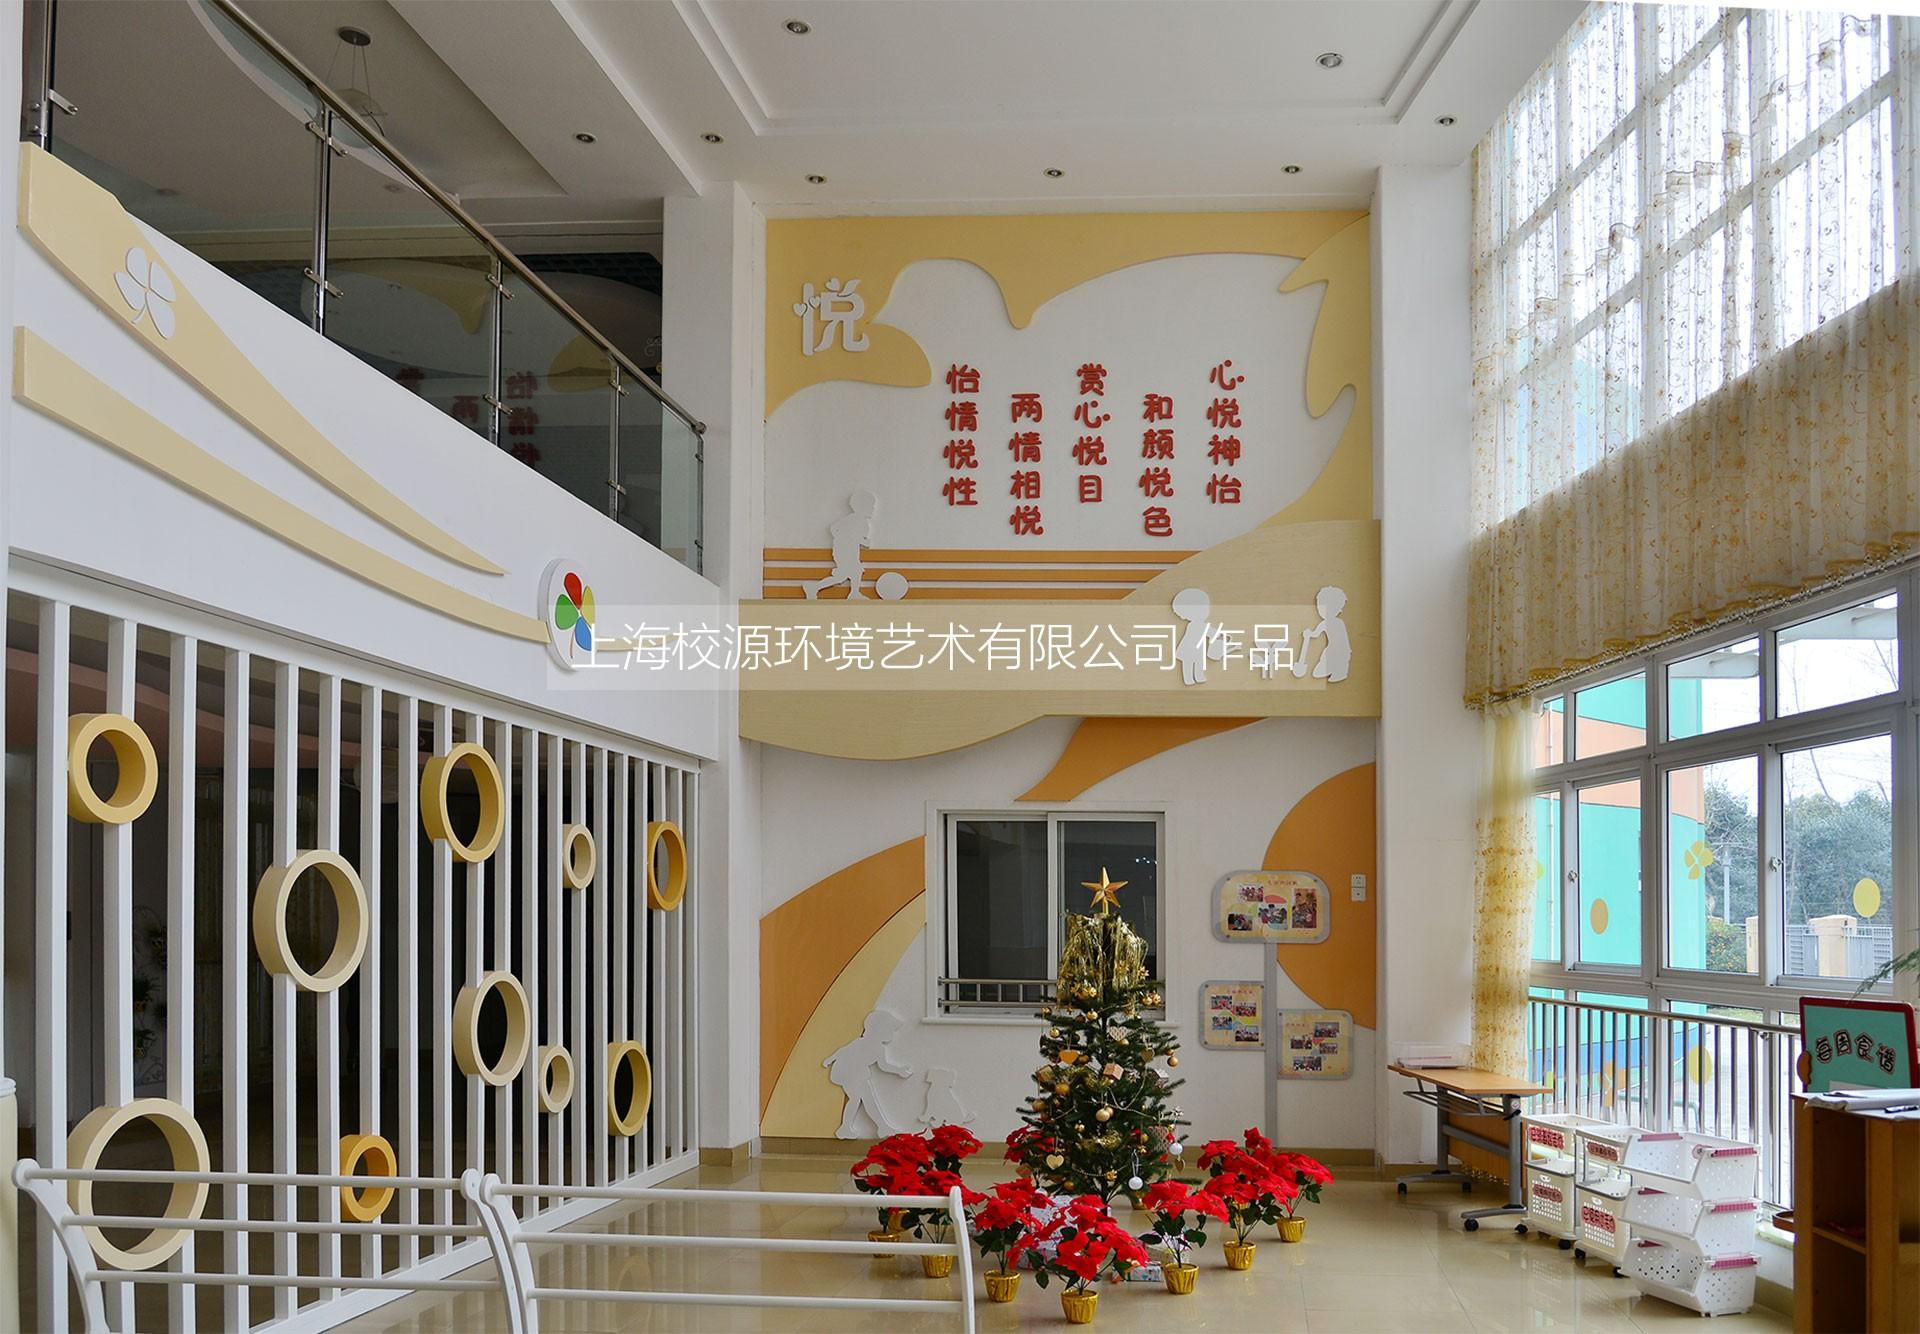 世纪花城幼儿园大厅布置